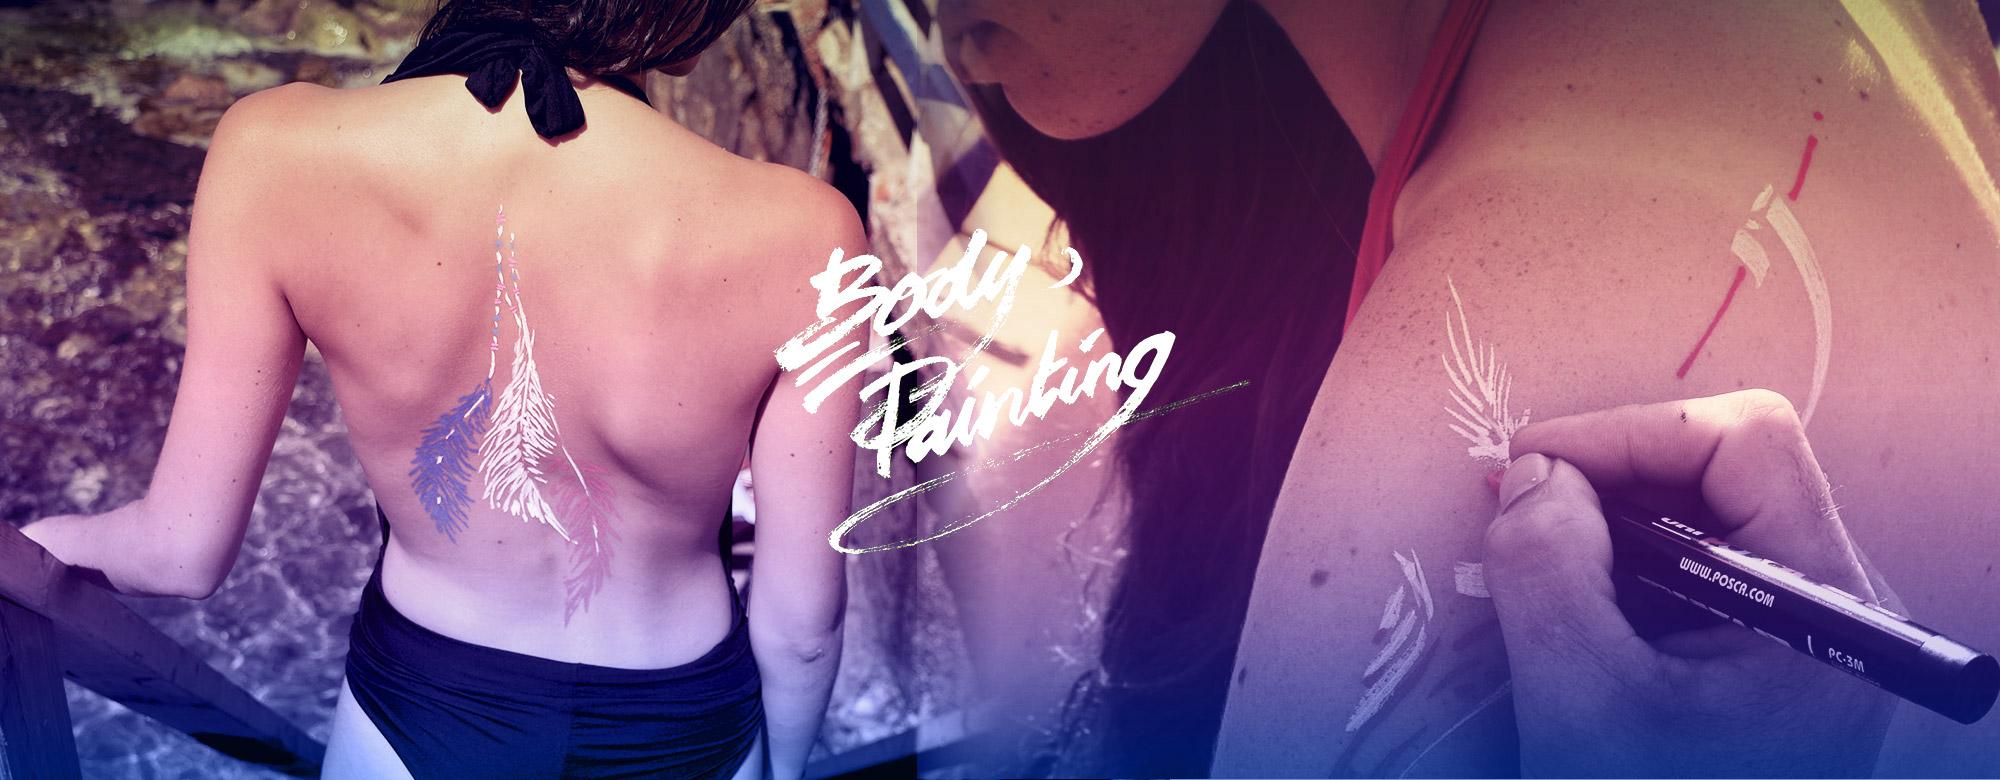 Body painting: l'art au corps par l'artiste Enkage